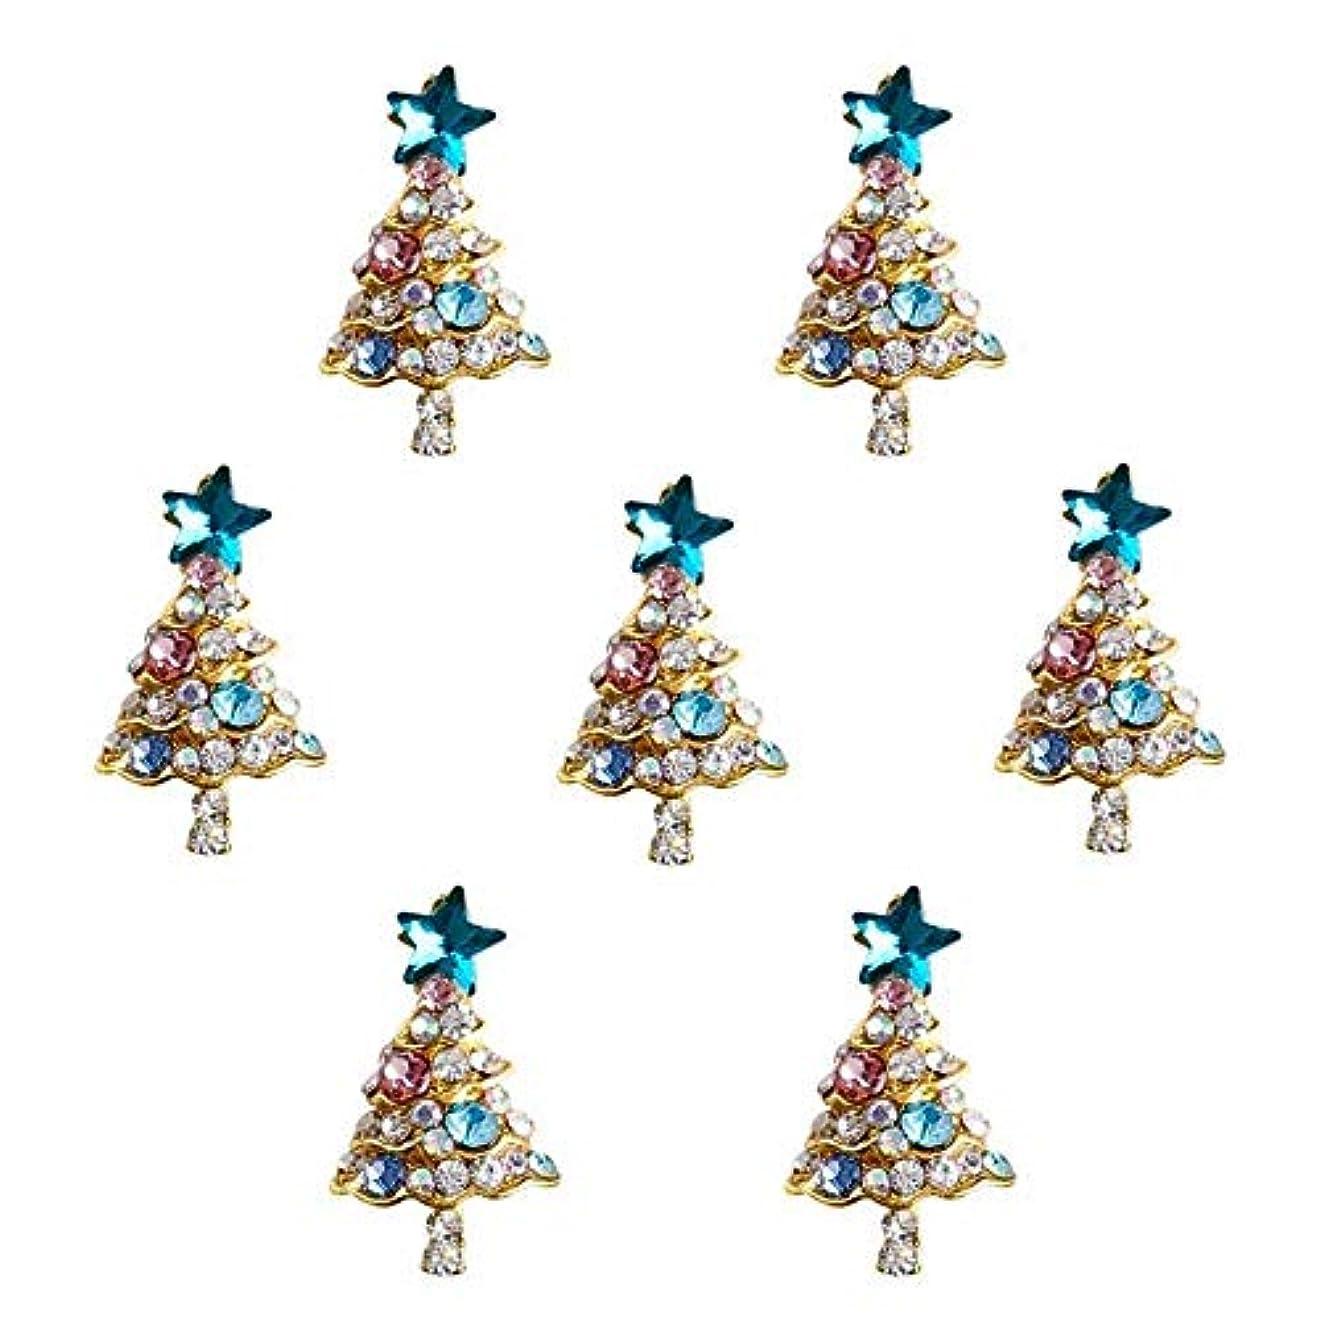 保有者テニス部分10個入り/ロット3Dラインストーンの装飾ブルーグリッタースタークリスマスツリーのデザイン接着剤ネイルアートDIYスタッドは、合金用品